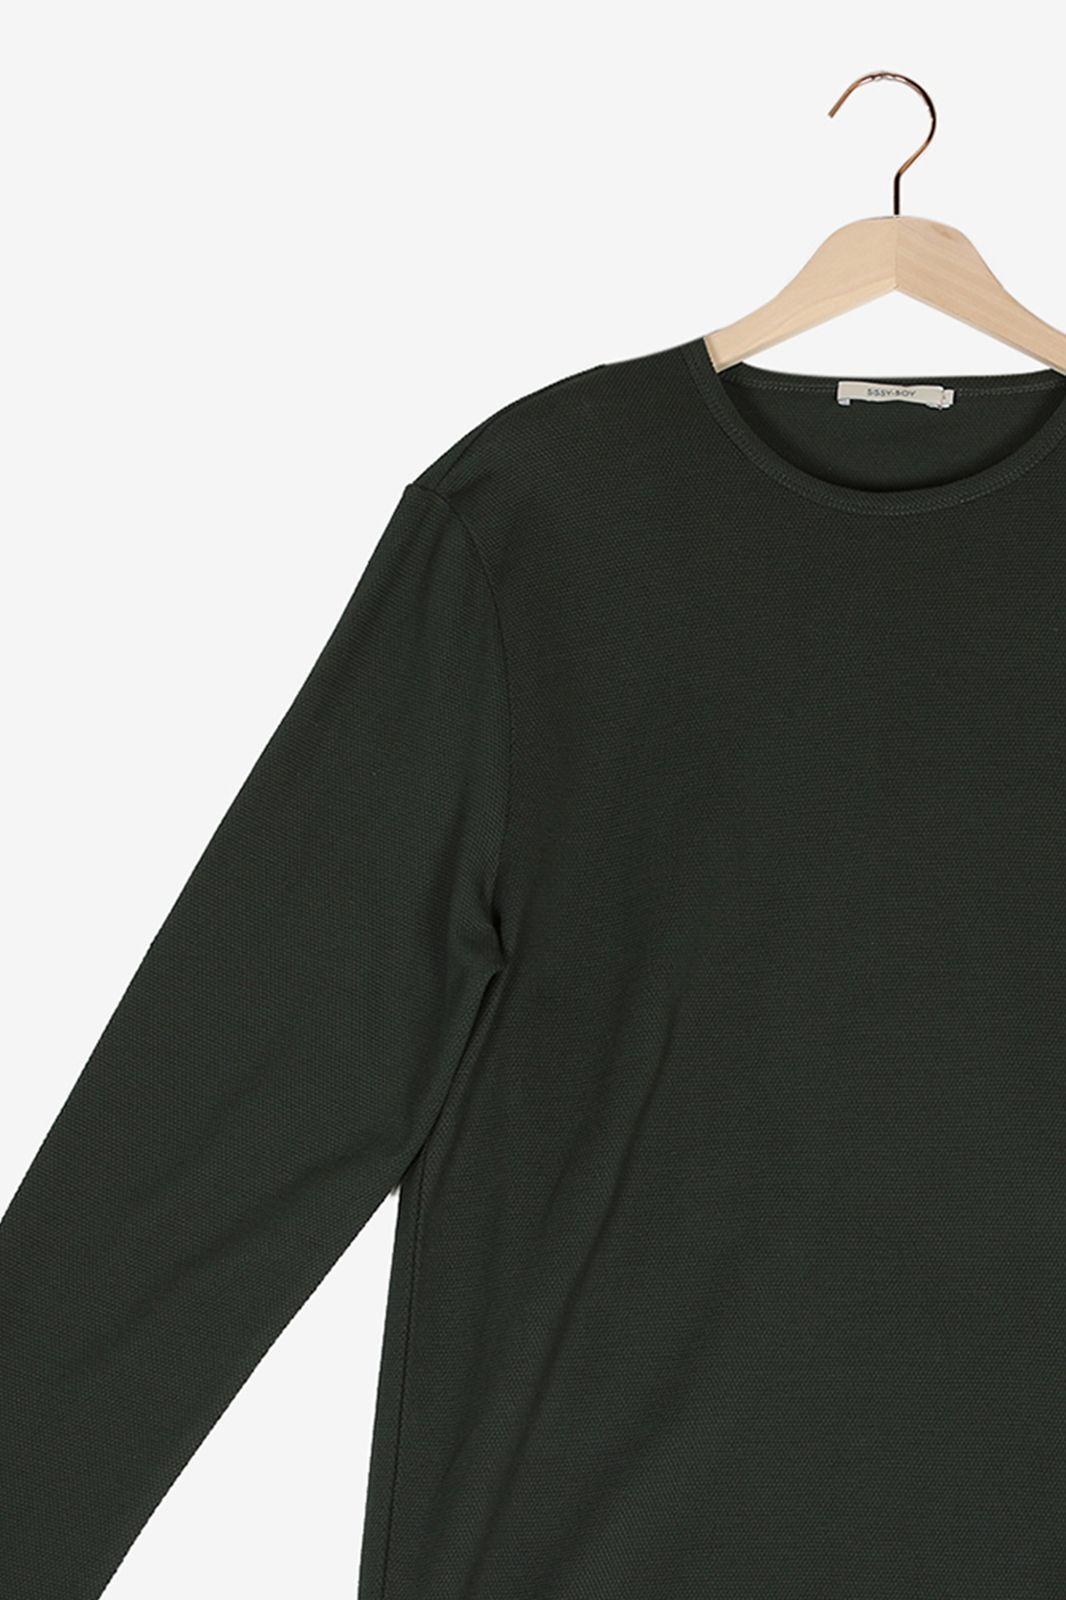 Groen T-shirt lange mouwen - Heren | Sissy-Boy